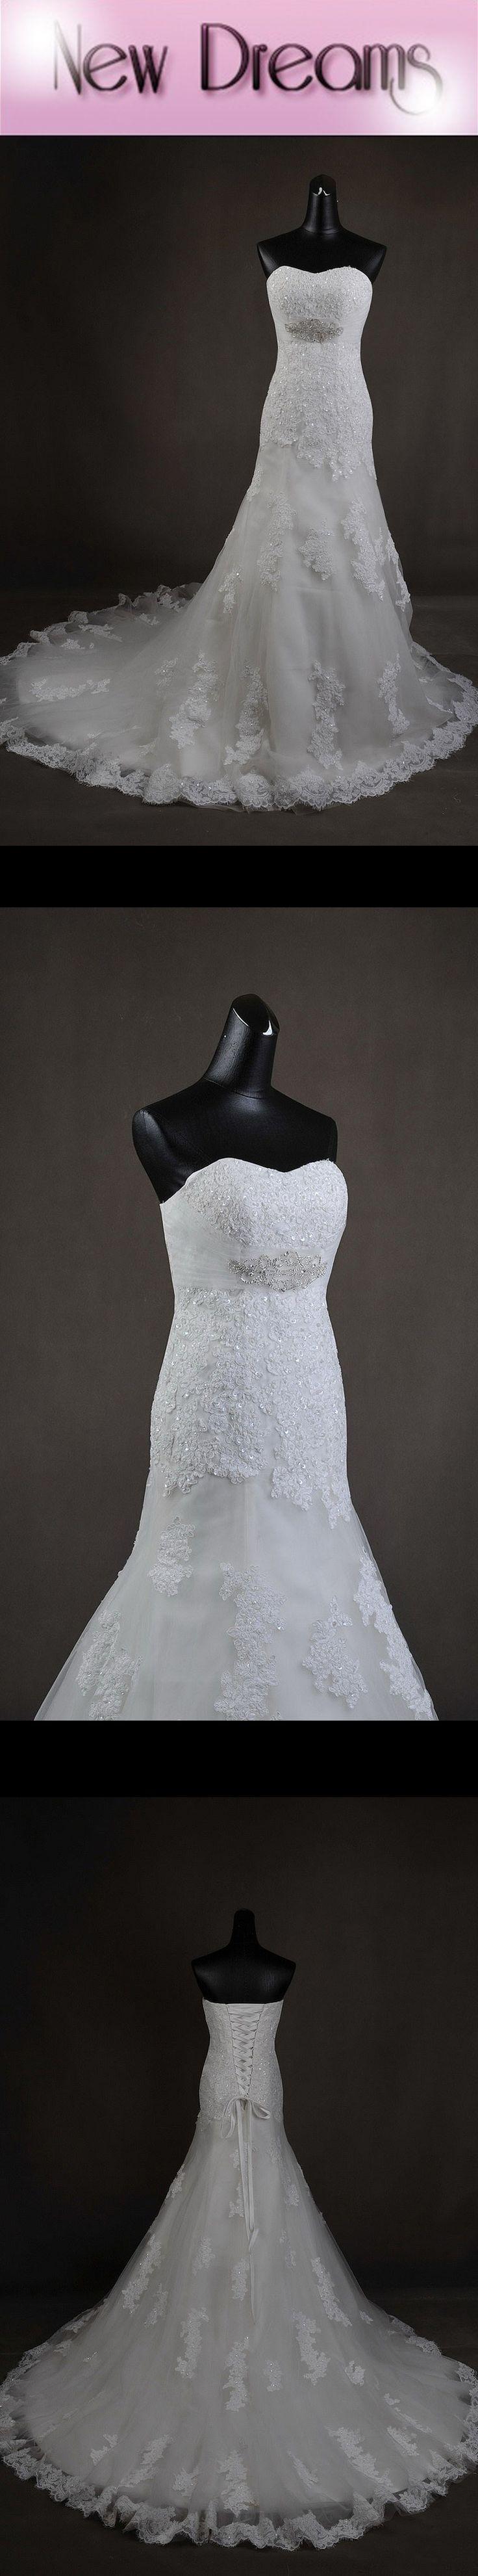 New style wedding dress organza and lace - Nuovo modello di abito da sposa in organza e pizzo www.yournewdreams.com